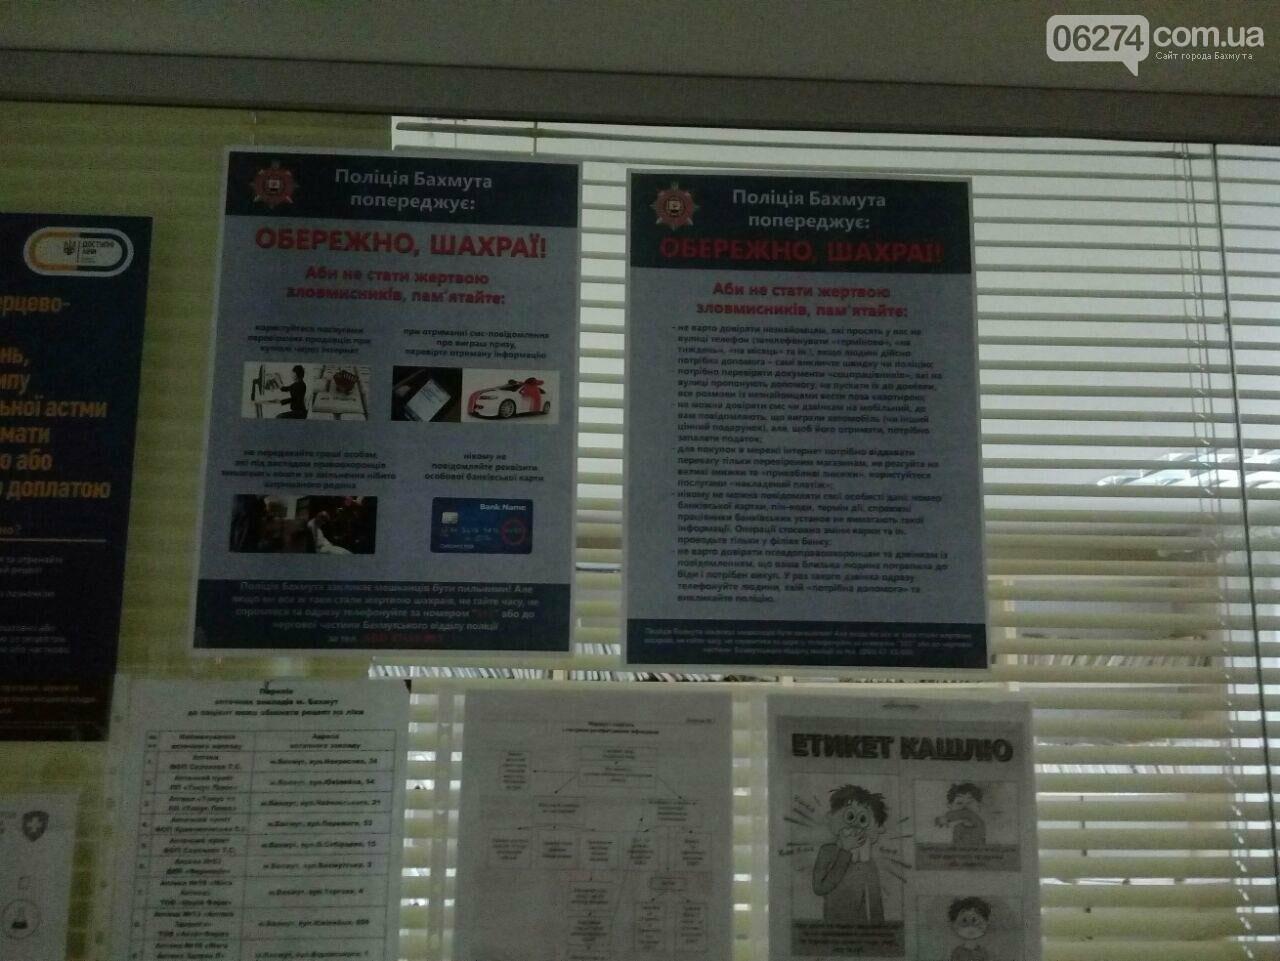 Правоохранители Бахмута развернули информационную кампанию по противодействию мошенничеству, фото-5